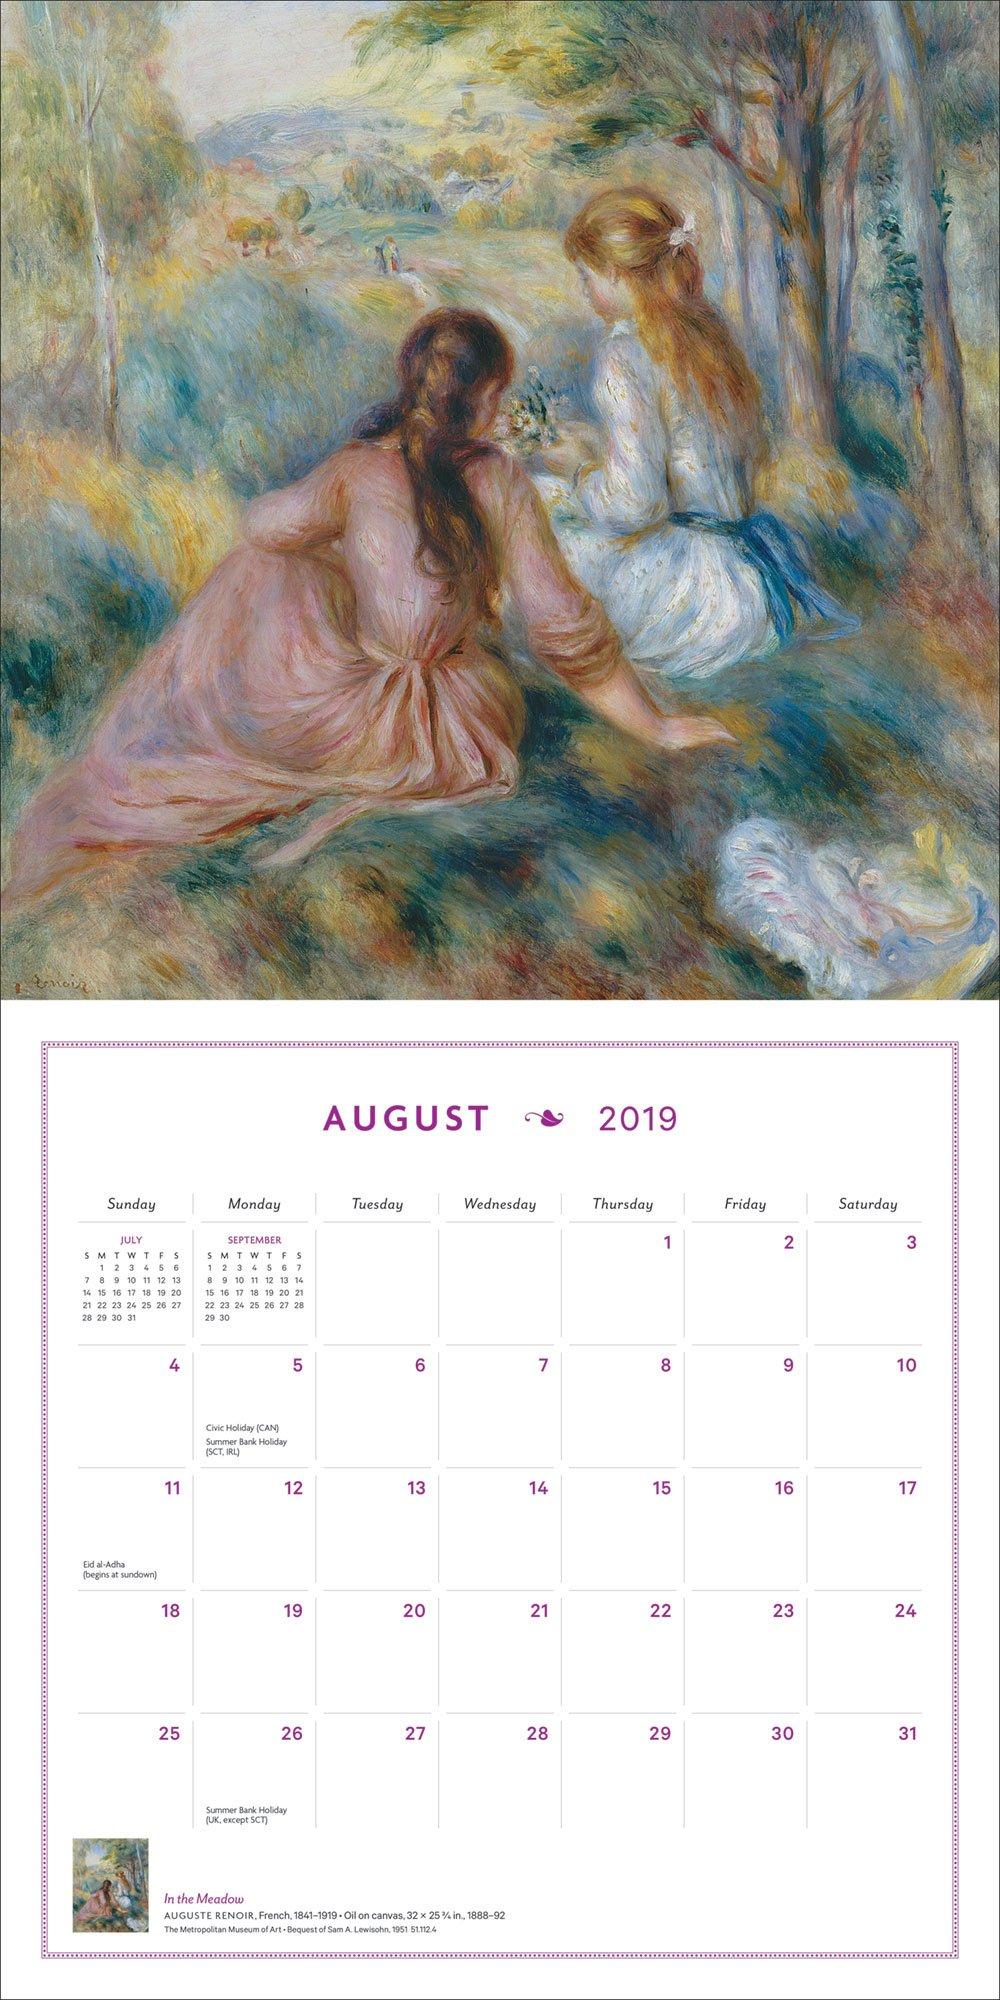 French Impressionist Gardens 2019 Wall Calendar by Harry N. Abrams